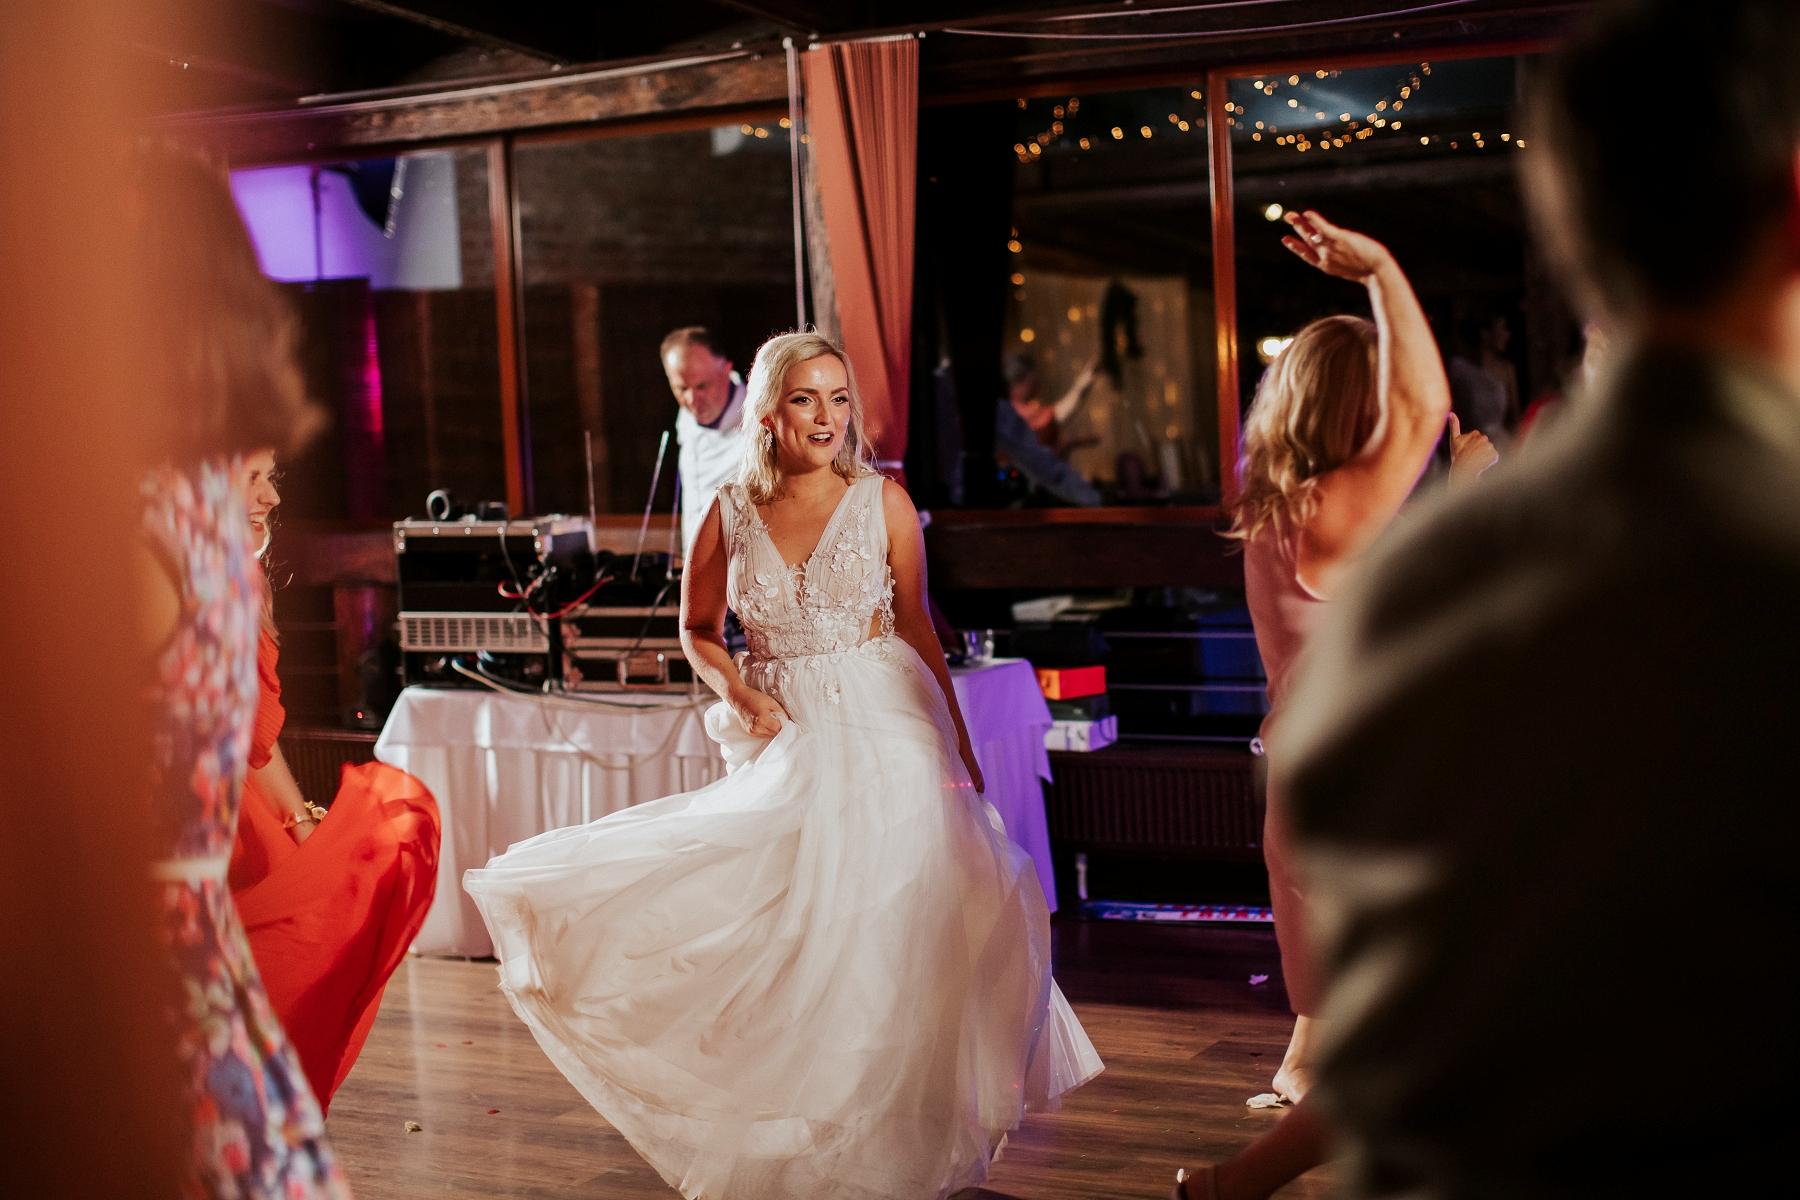 svadobny fotograf, fotograf prešov, fotograf vychod, svadobny fotograf kosice, fotograf orava, svadobne fotografie,